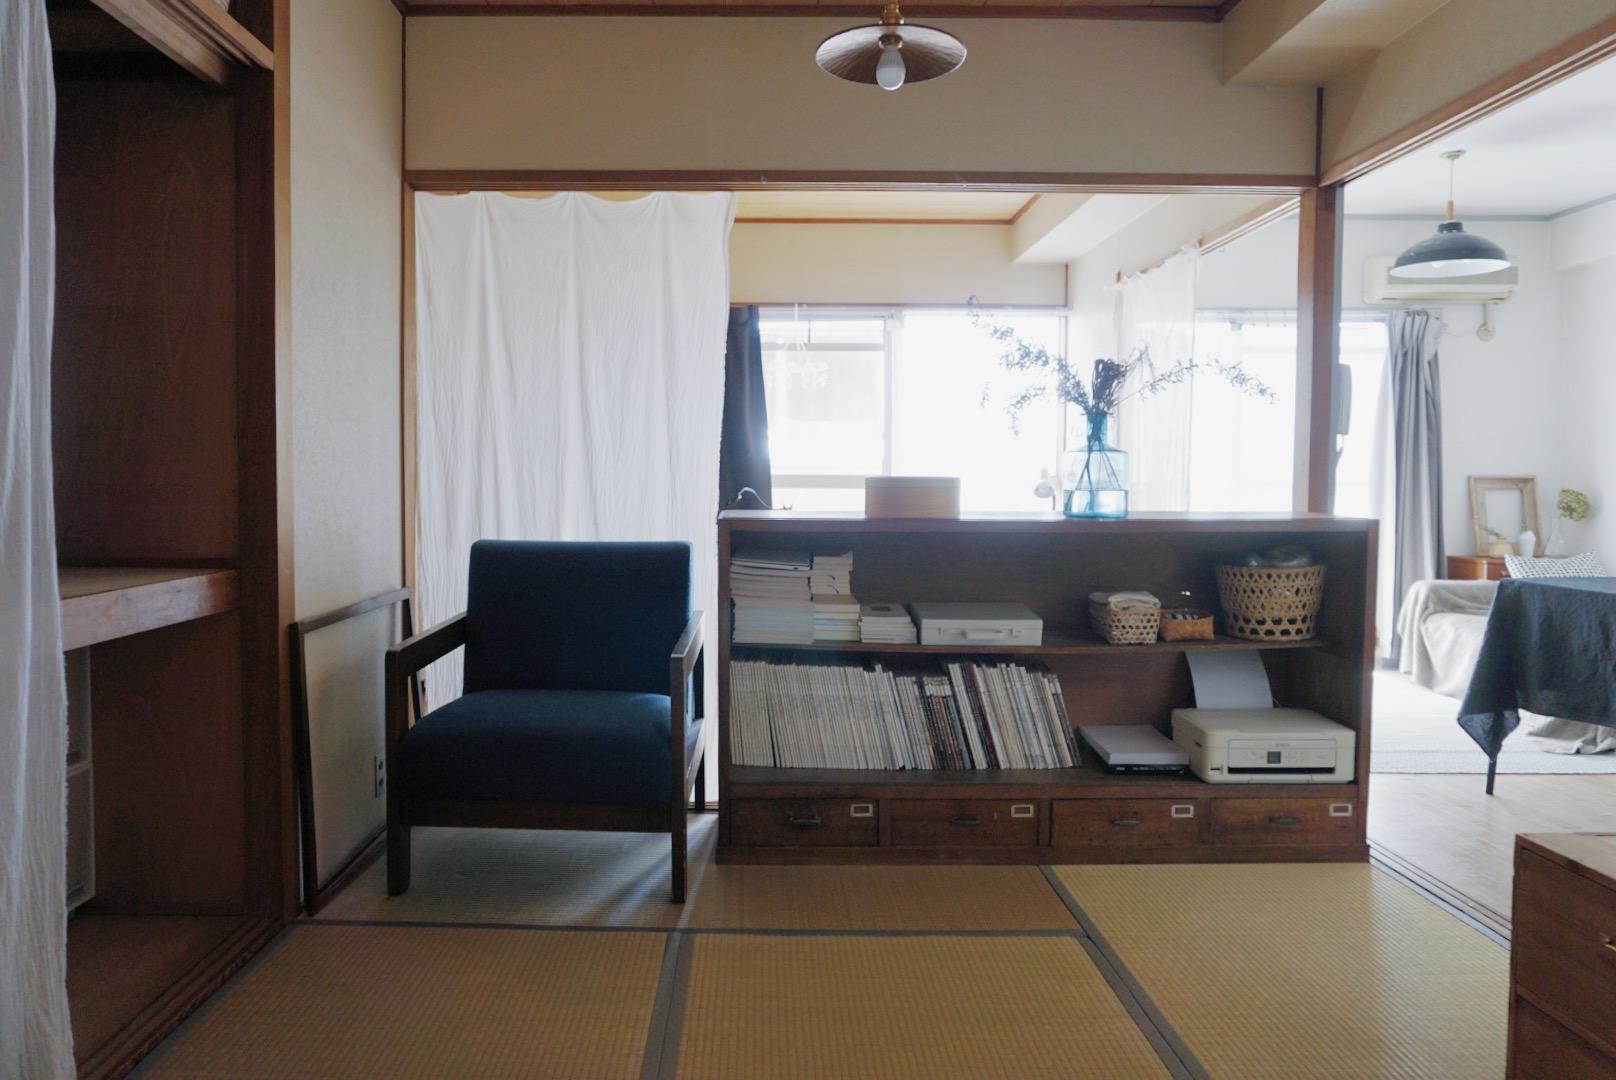 襖を取り払ったことで、風通しも、日当たりも良くなった空間。お気に入りのヴィンテージ家具を置いたり、